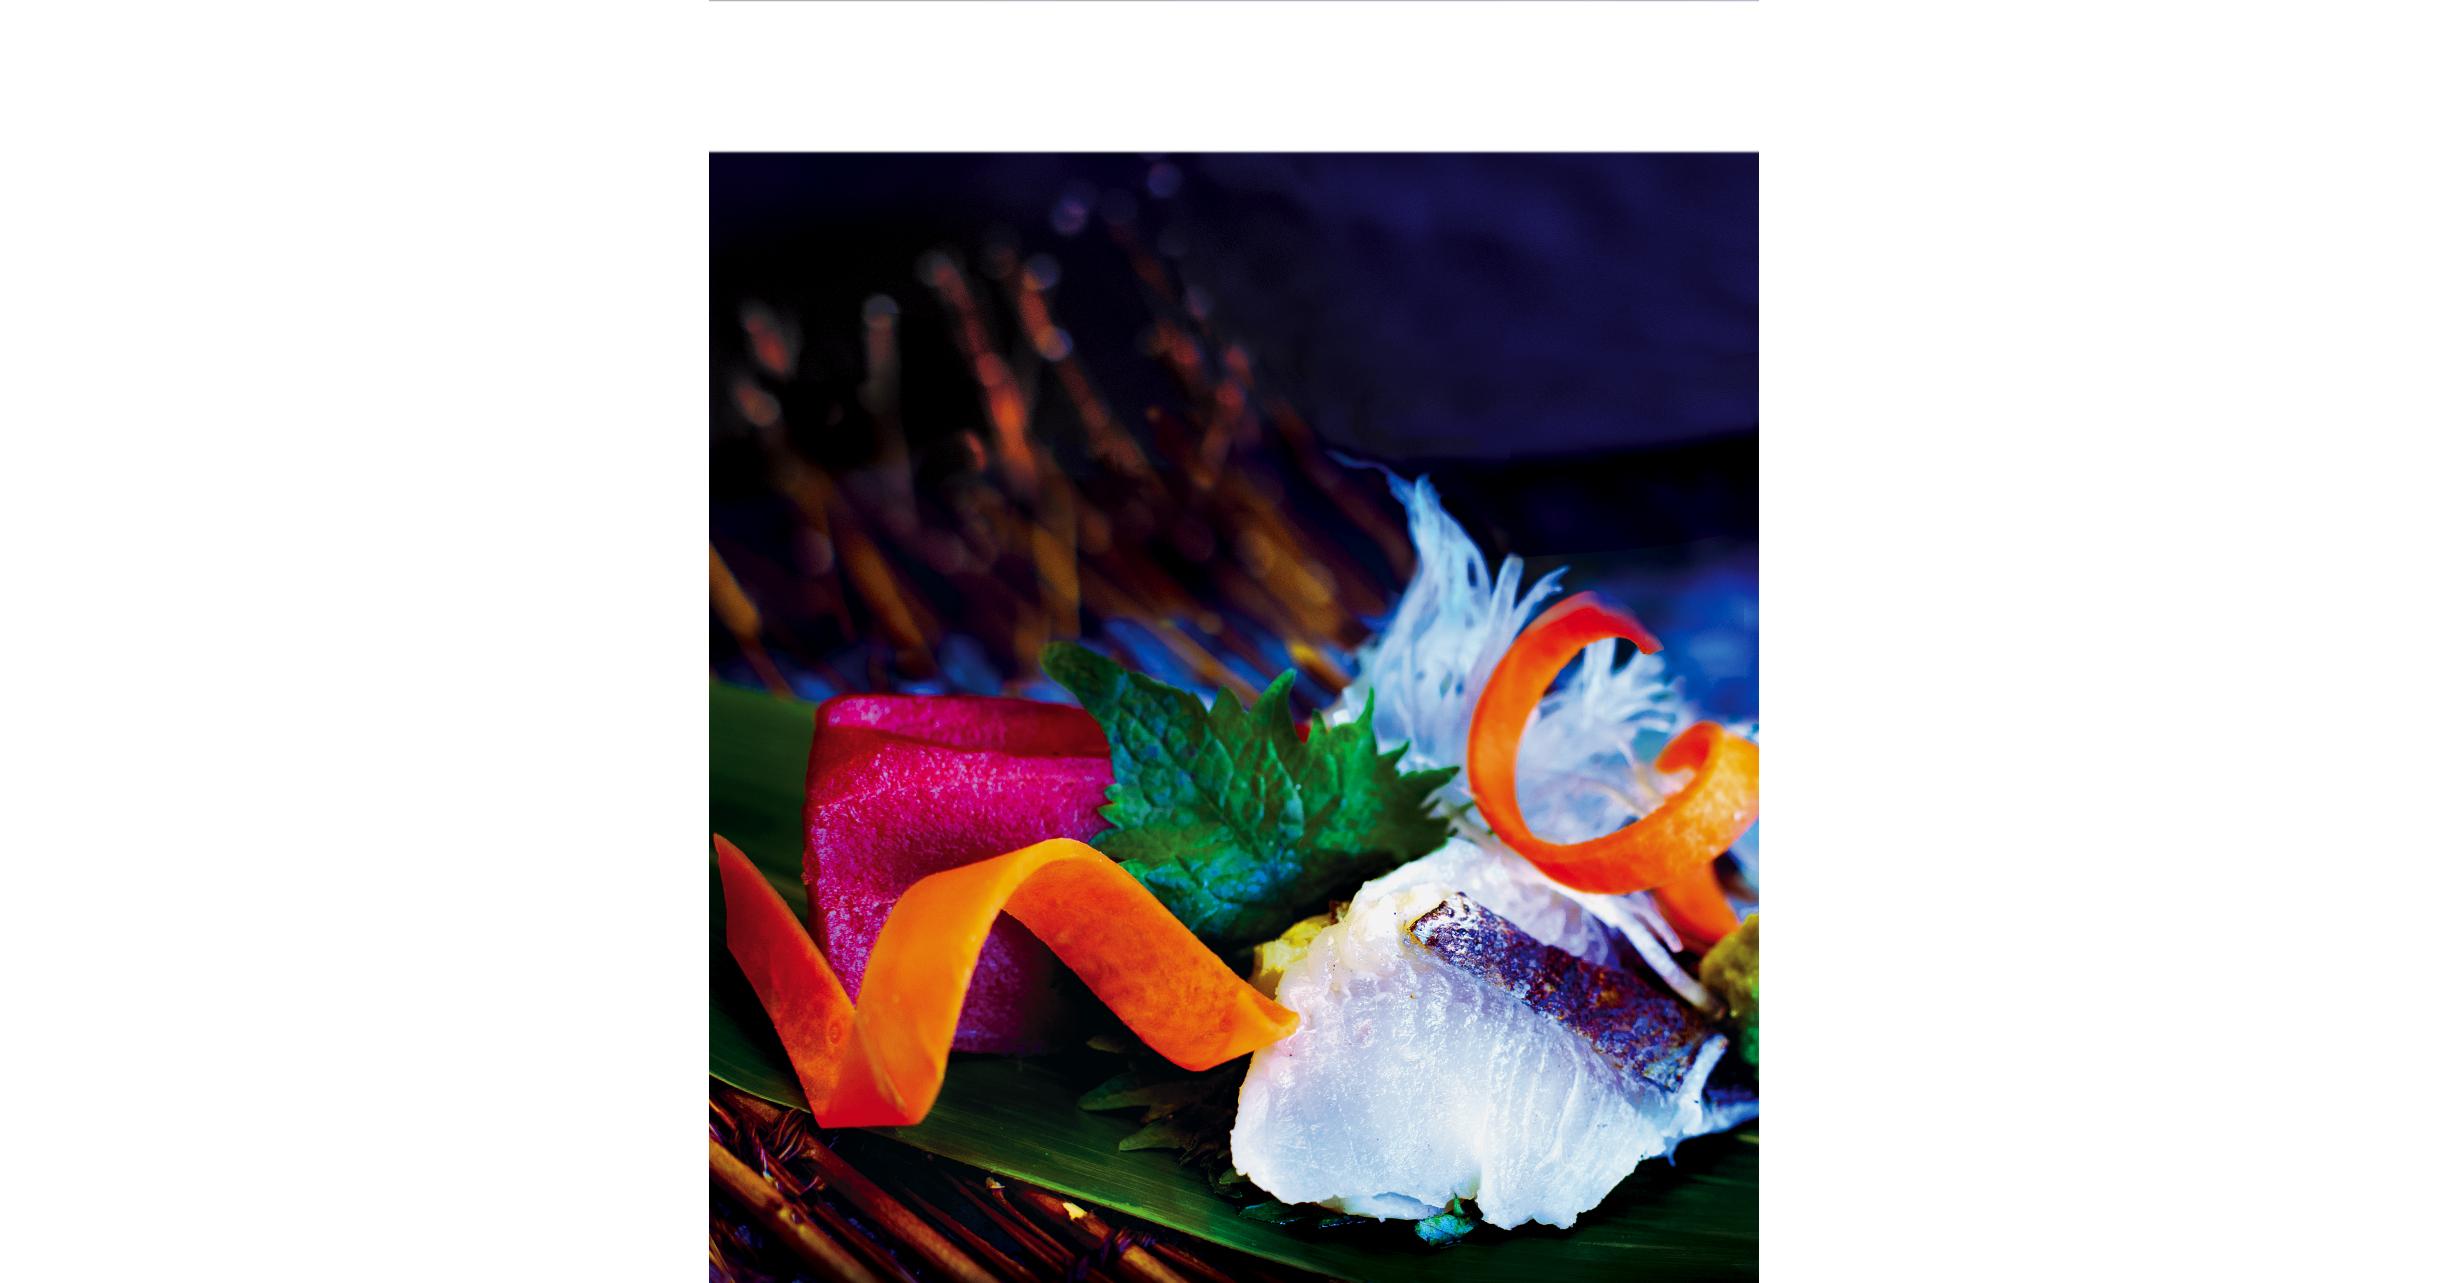 2.1.bizen sushi rolls opening1920x1000 .